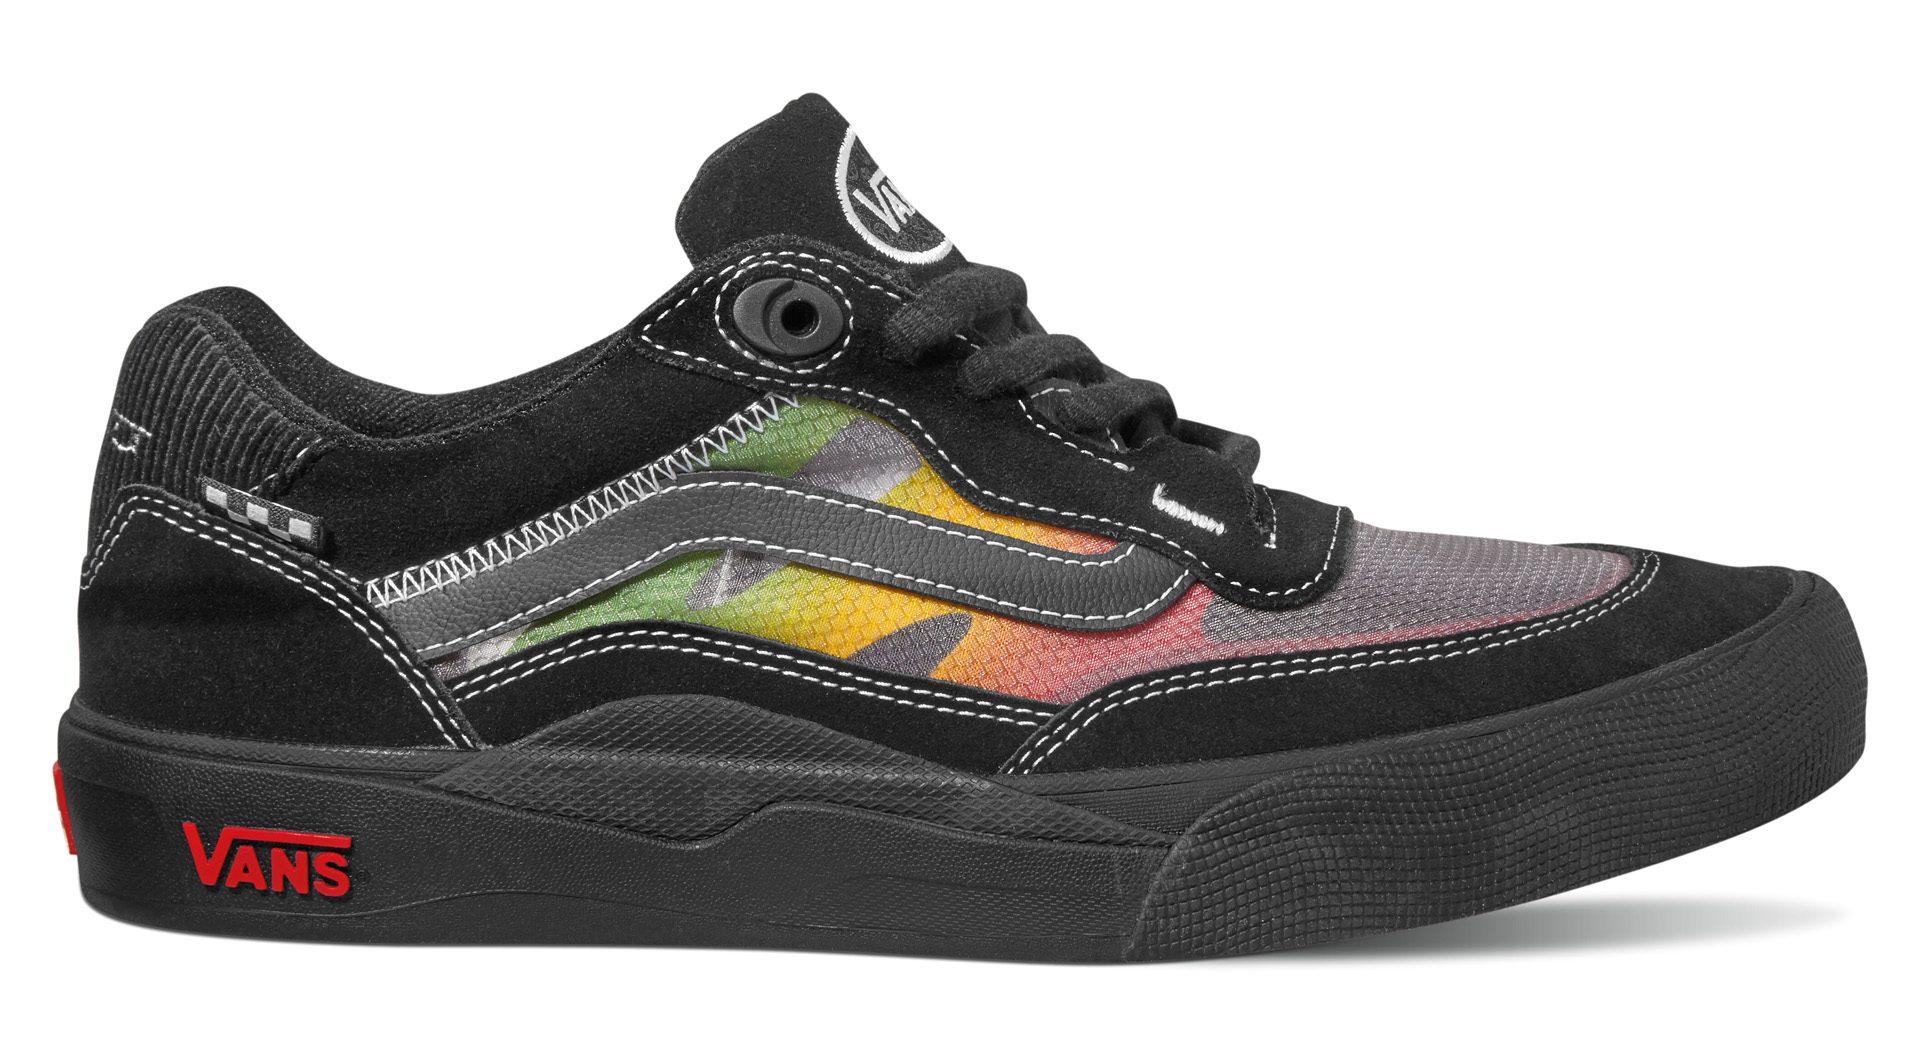 Vans FW 2021 Skate Footwear